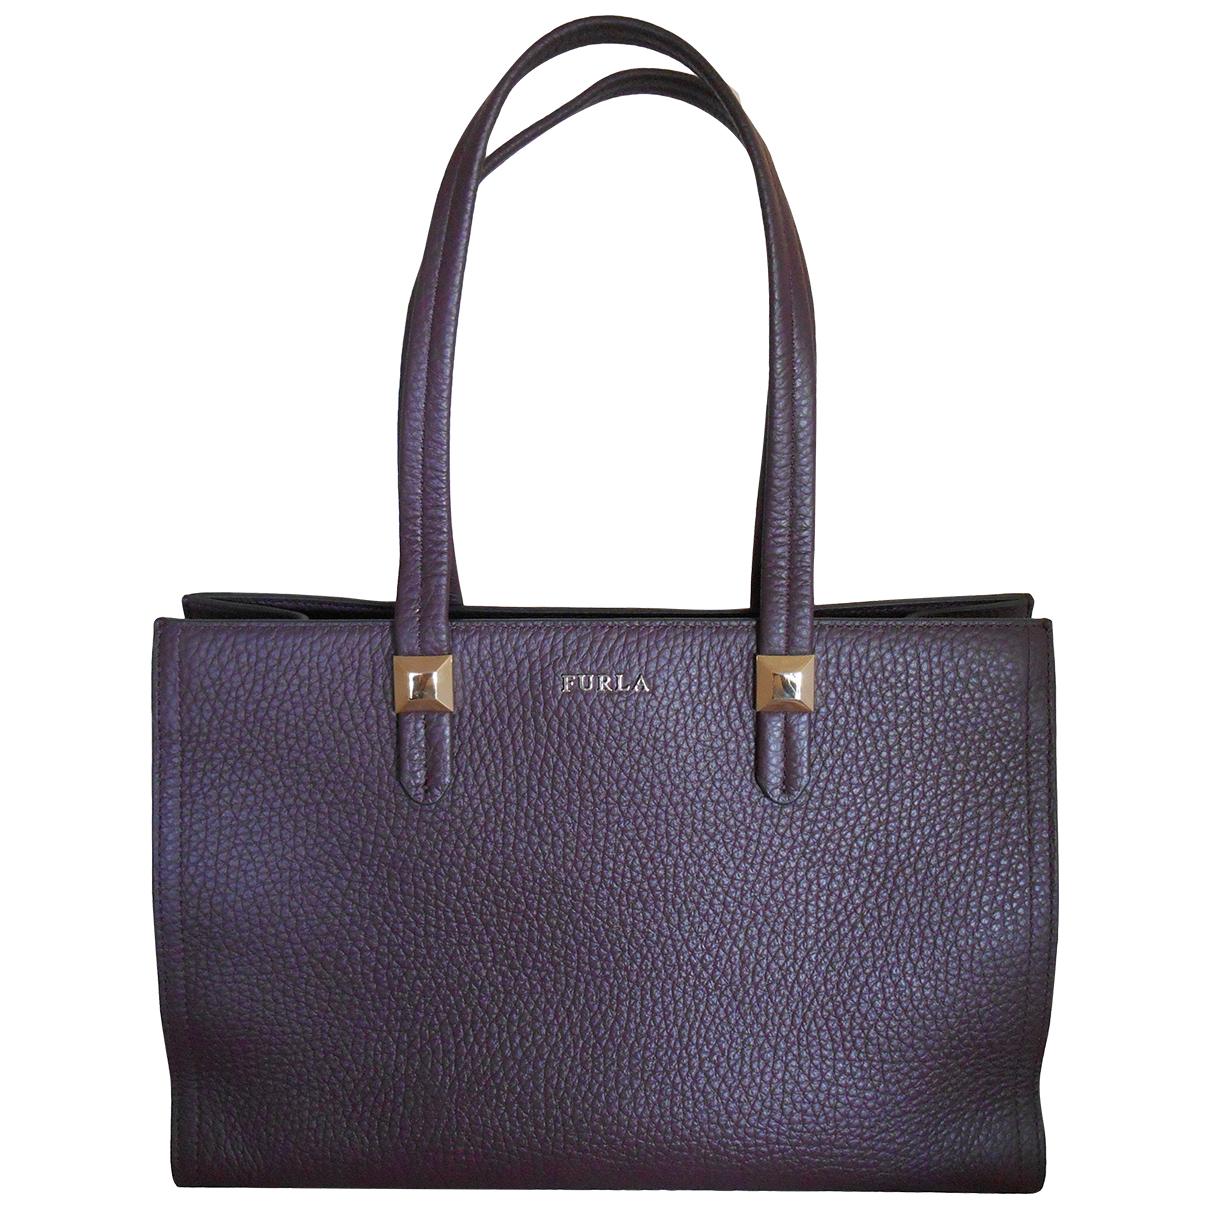 Furla \N Handtasche in  Lila Leder